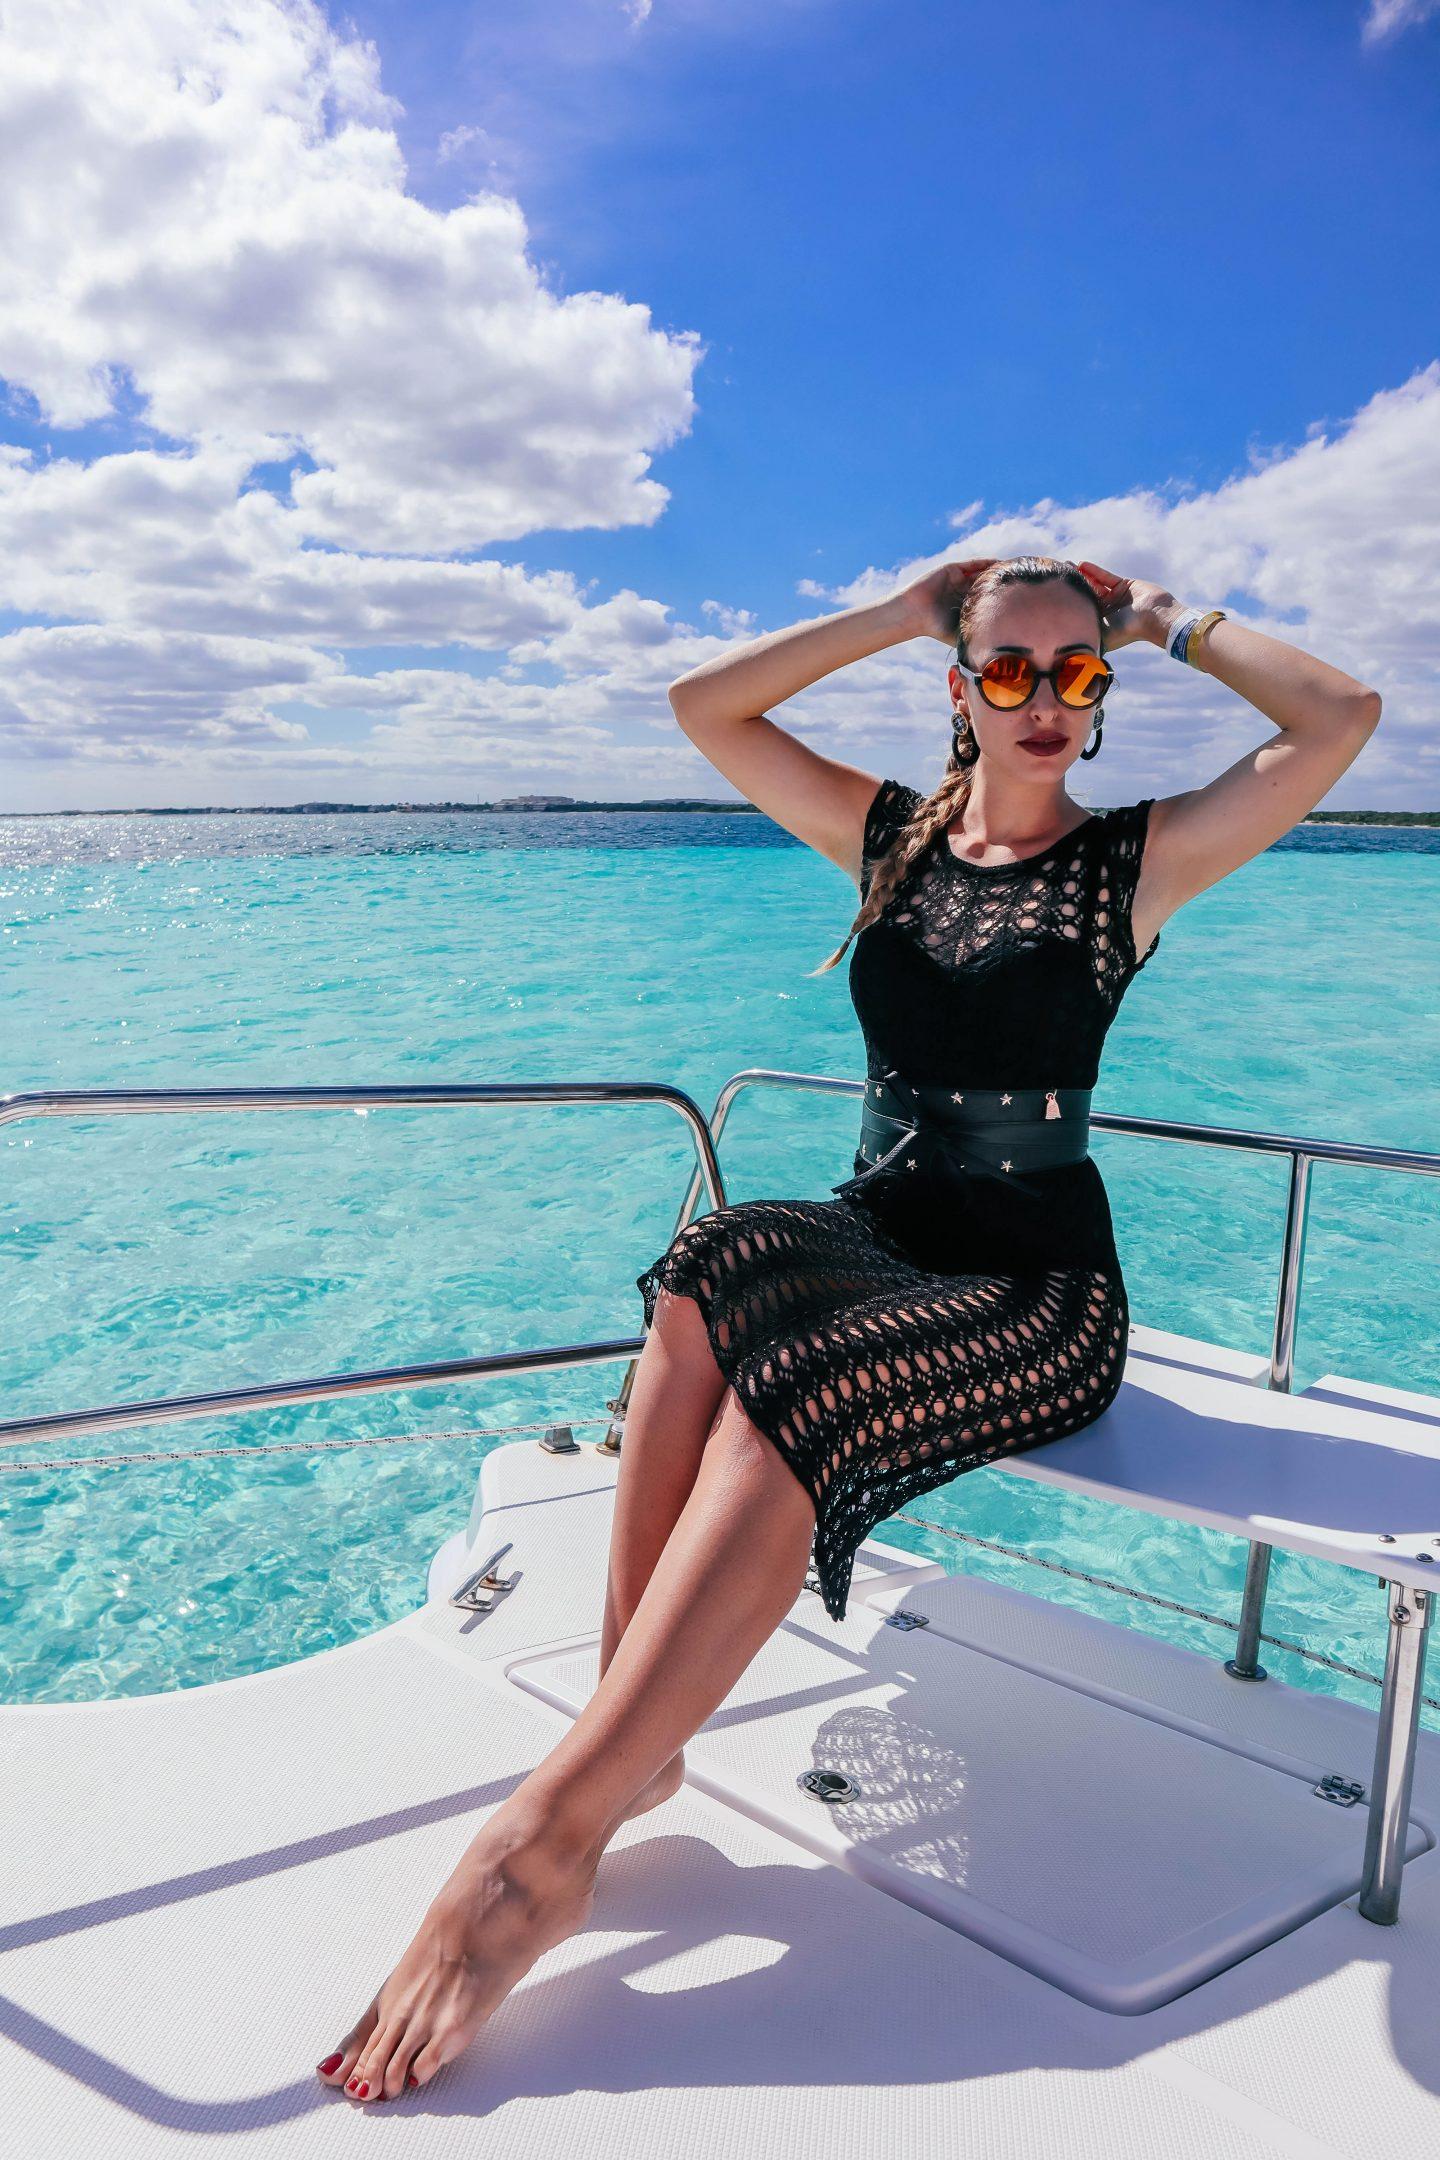 Marina La Bonita Catamaran Ride